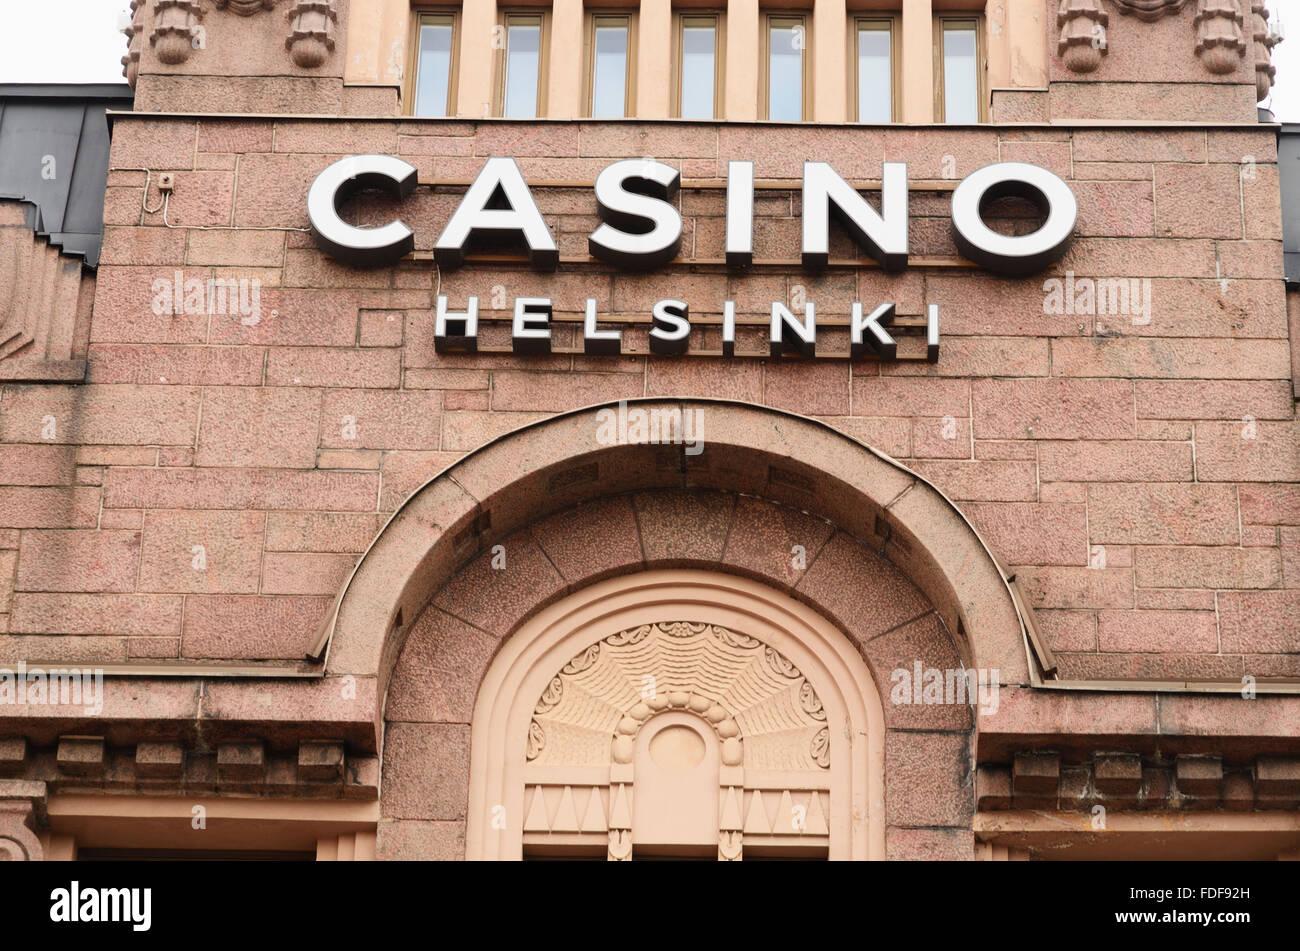 Casino-Helsinki ist der weltweit einzige Casino, das alle seine Gewinne für wohltätige Zwecke spendet. Stockbild